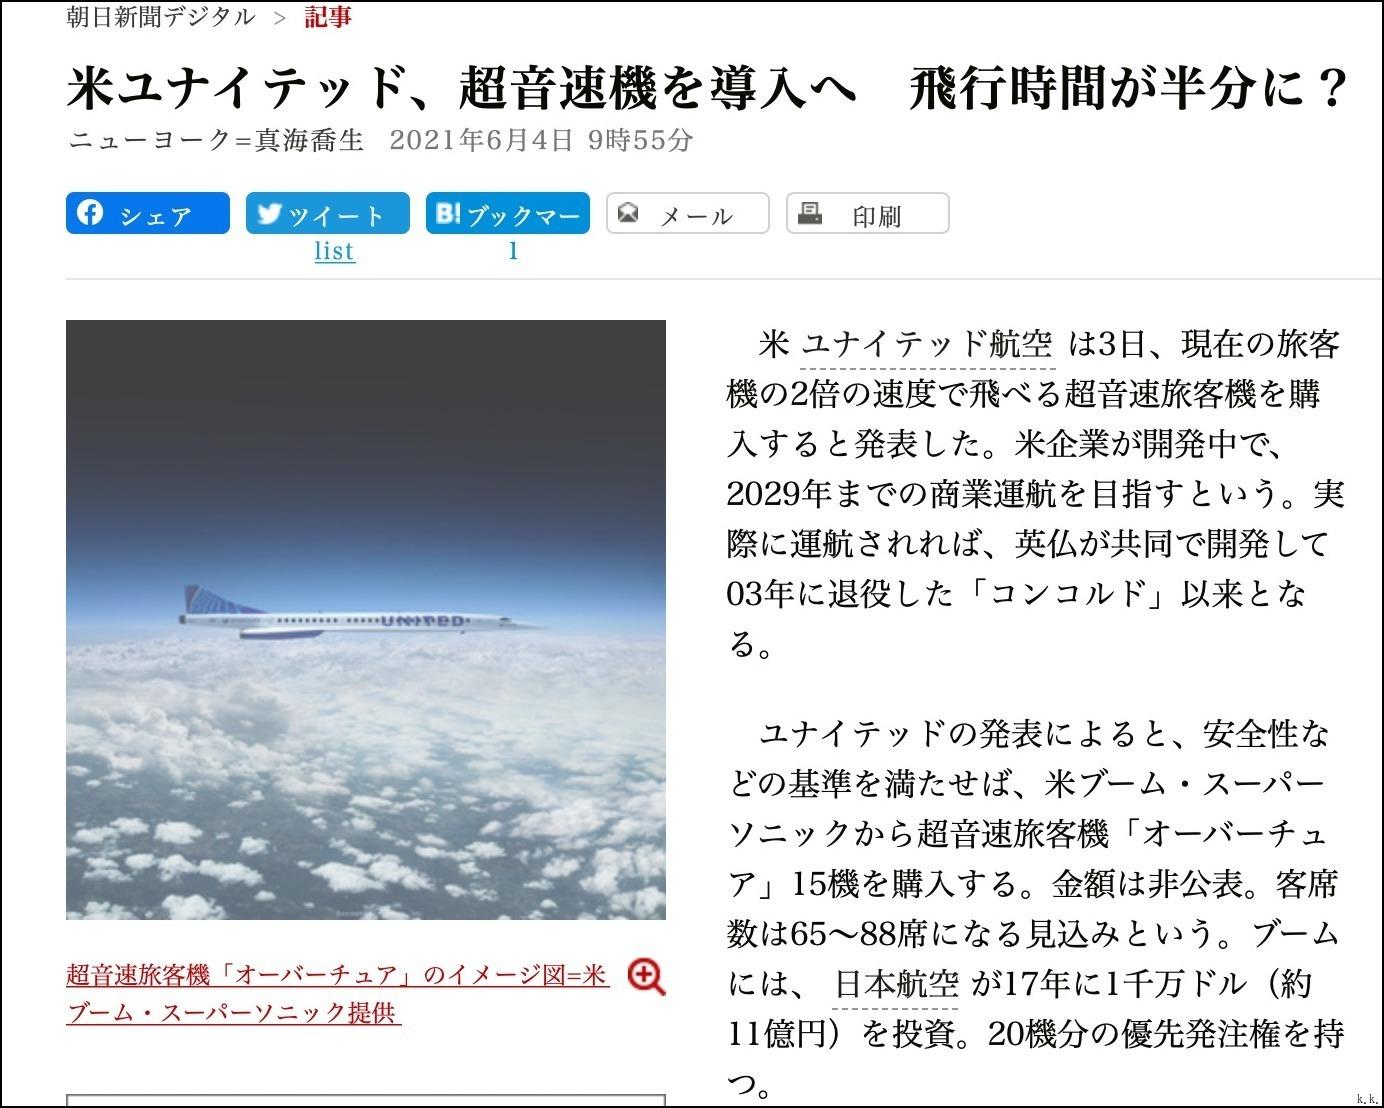 <米ユナイテッド、超音速機を導入へ 飛行時間が半分に>_a0031363_19370189.jpg